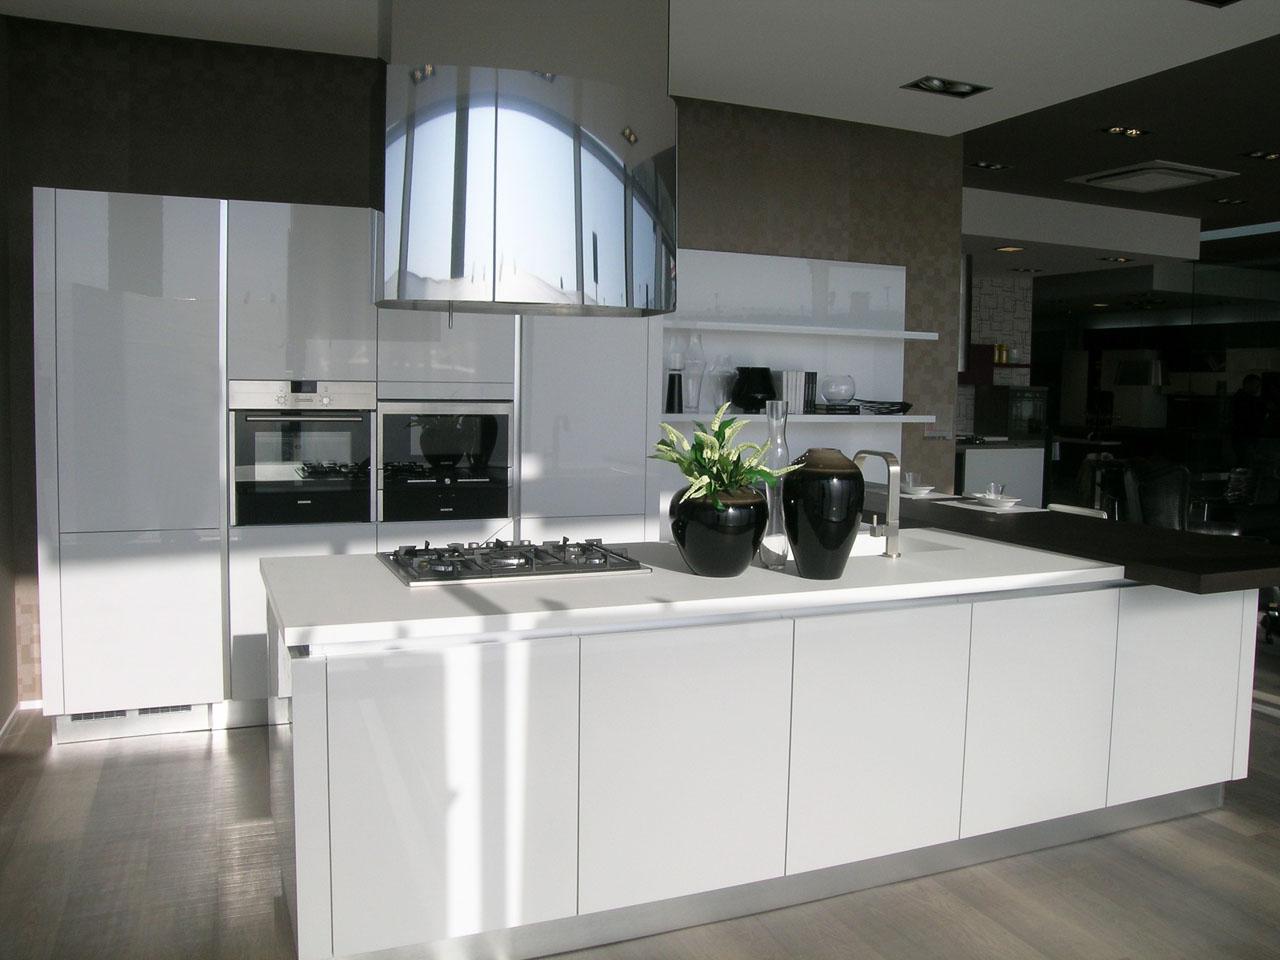 Inaugurato il nuovo Centro Cucine LUBE in Val Vibrata - Cucine Lube